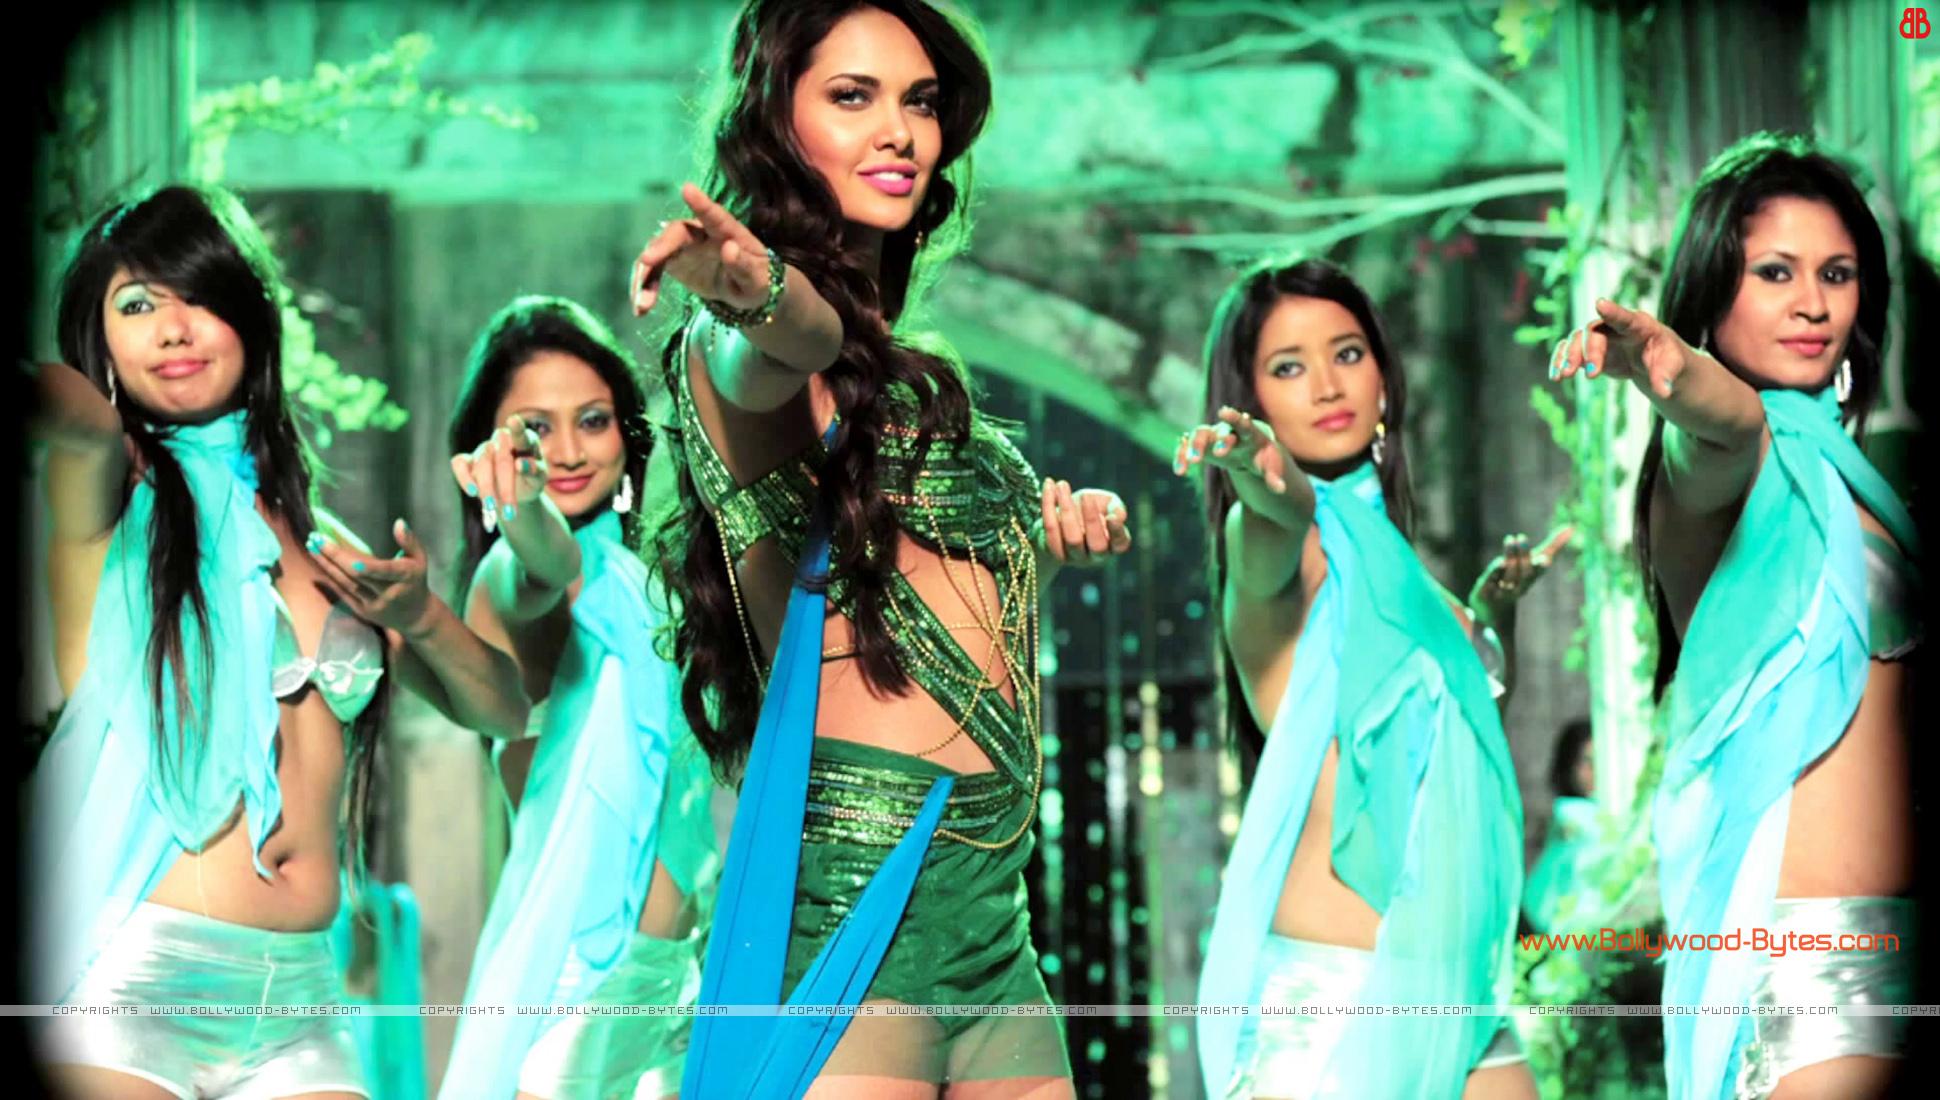 http://4.bp.blogspot.com/-tzriVBXLFE0/UCN_txjCVMI/AAAAAAAANDs/yN3fQwLEwGQ/s1940/Raaz-3-Hot-Esha-Gupta-HD-Wallpaper-05.jpg